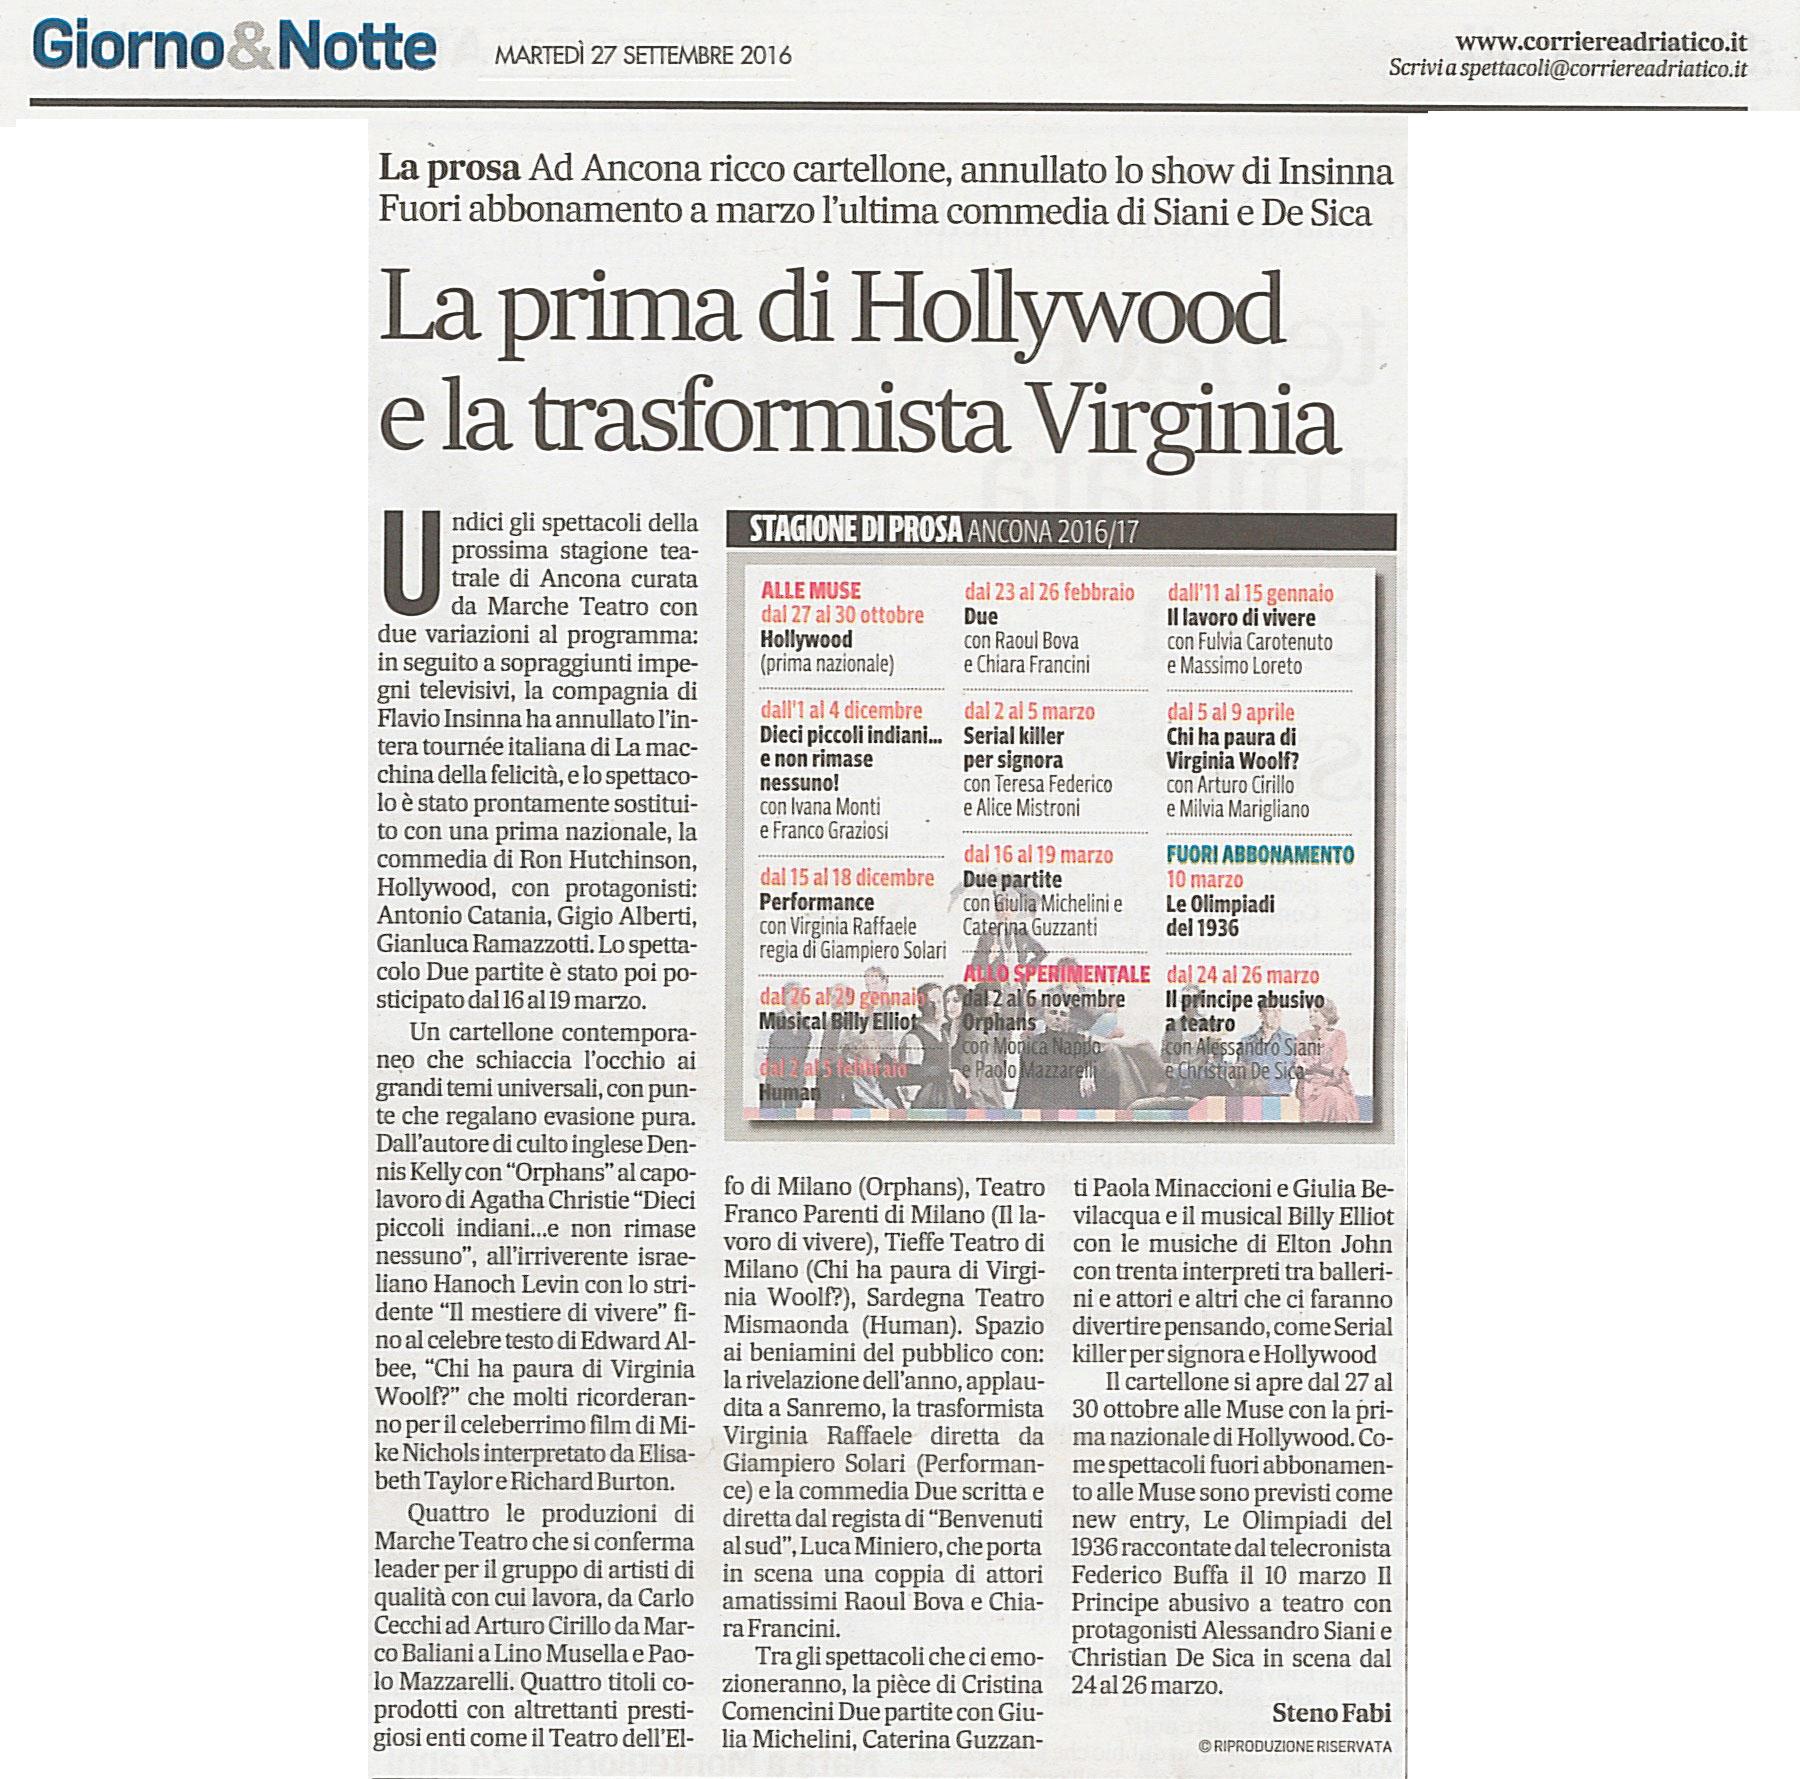 2016_09_27_la-prima-hollywood-e-la-trasformista-virginia_corriere-adriatico